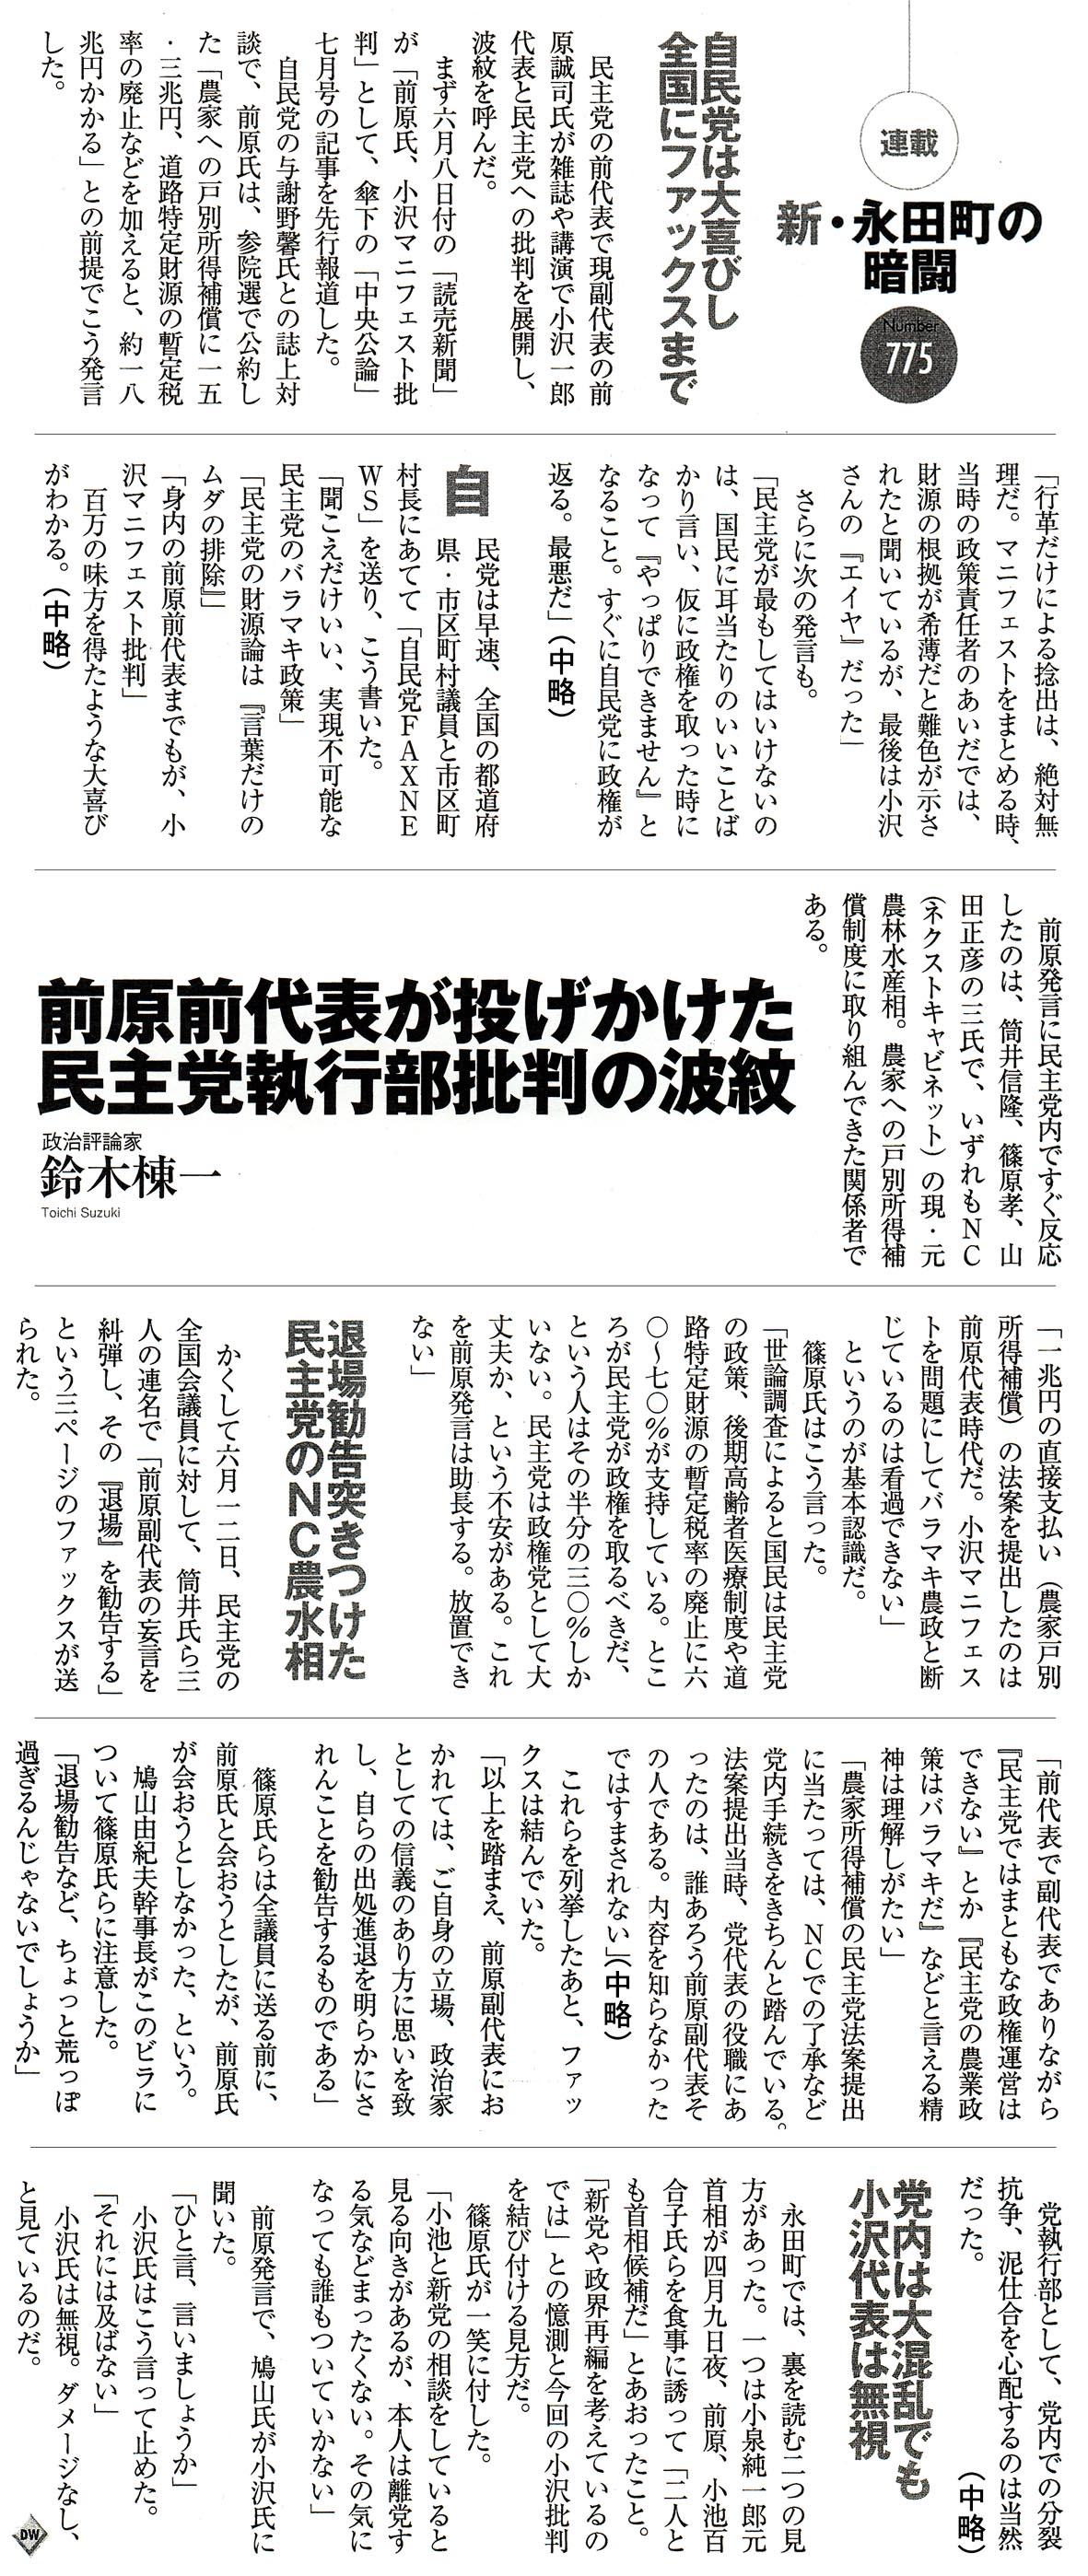 080628週刊ダイヤモンド前原記事.jpg